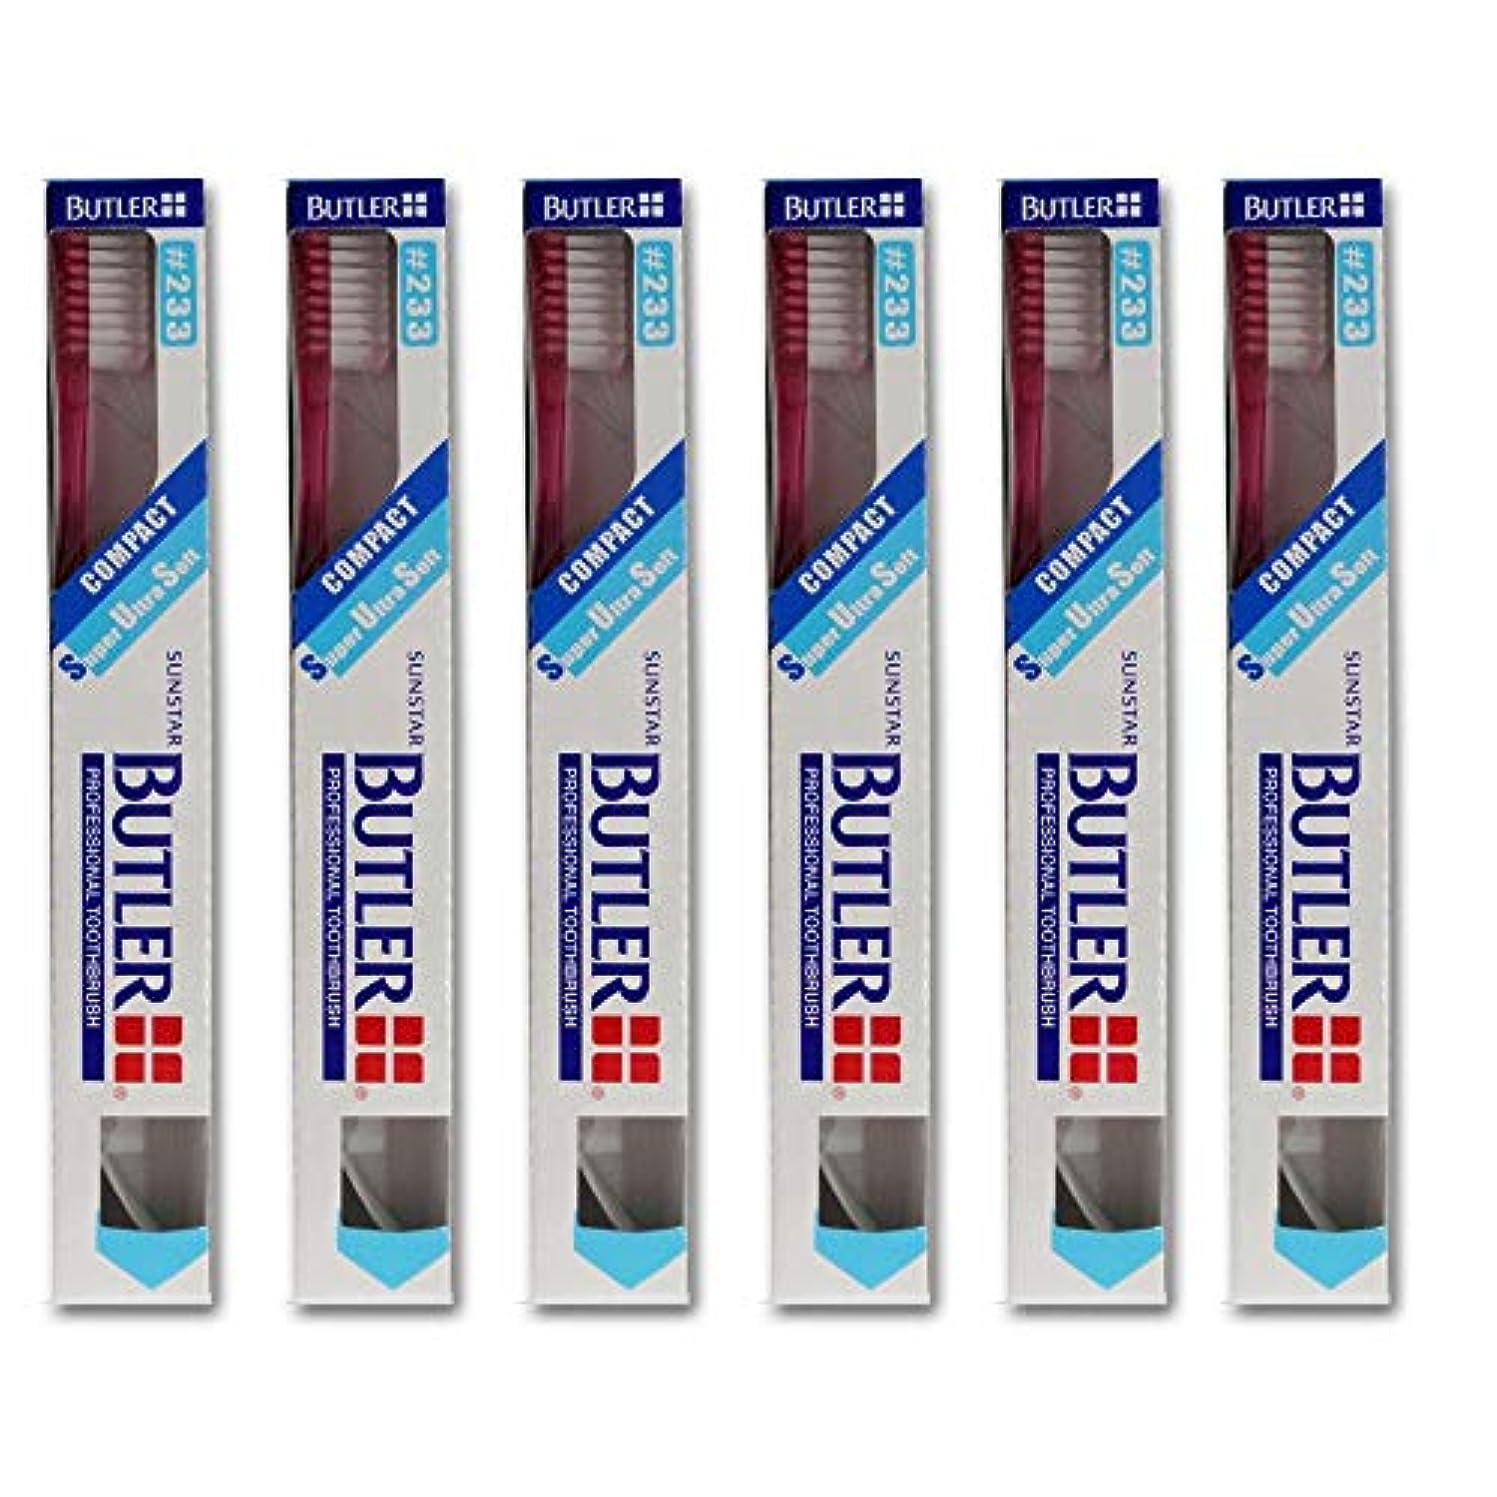 平和な剛性ペンダントバトラー歯ブラシ 6本 #233